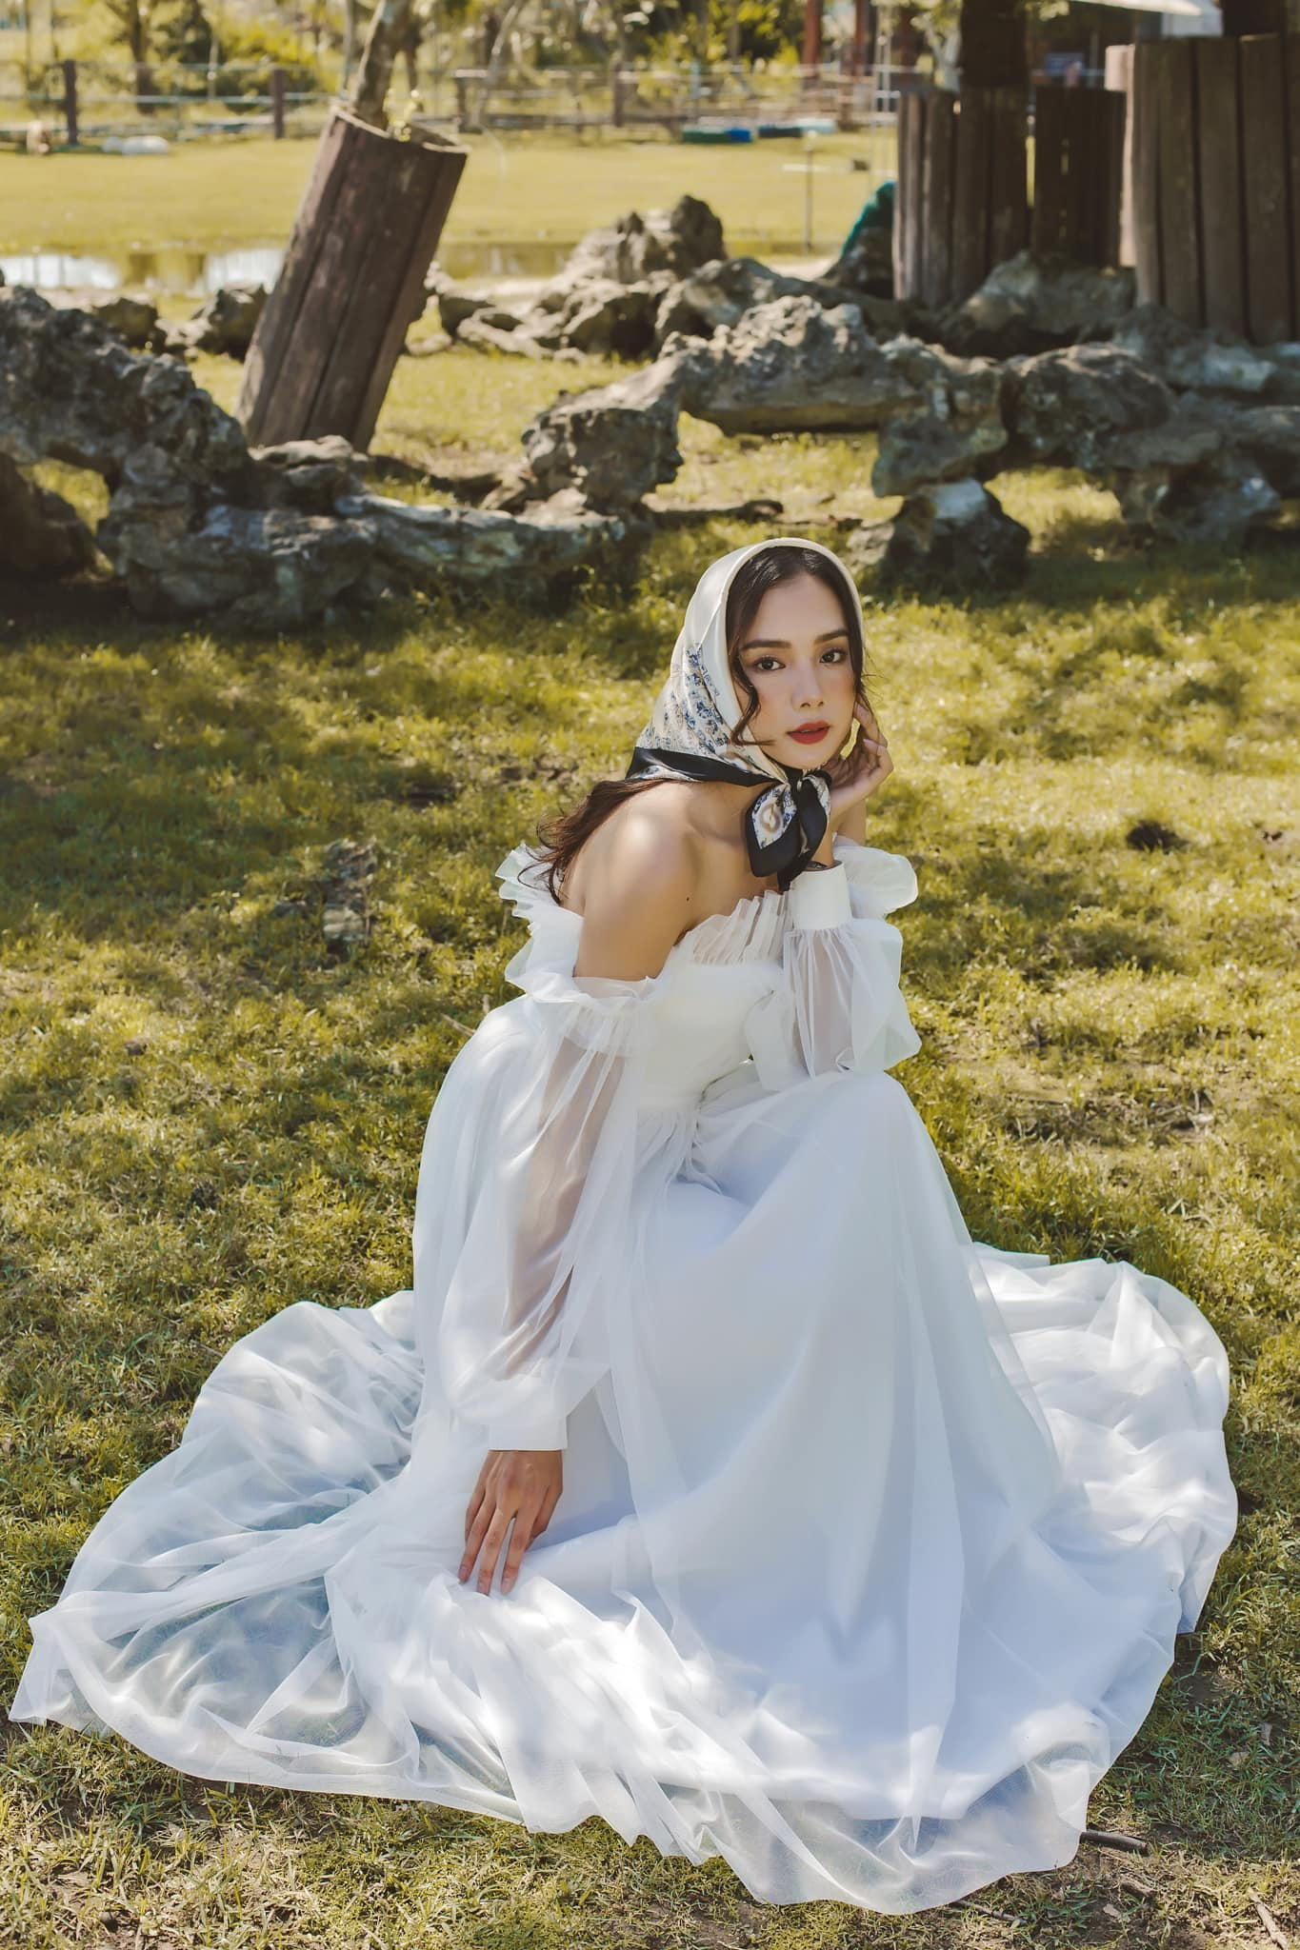 Người đẹp Cẩm Đan kiêu kỳ, Minh Anh xinh đẹp tựa nữ thần ảnh 3